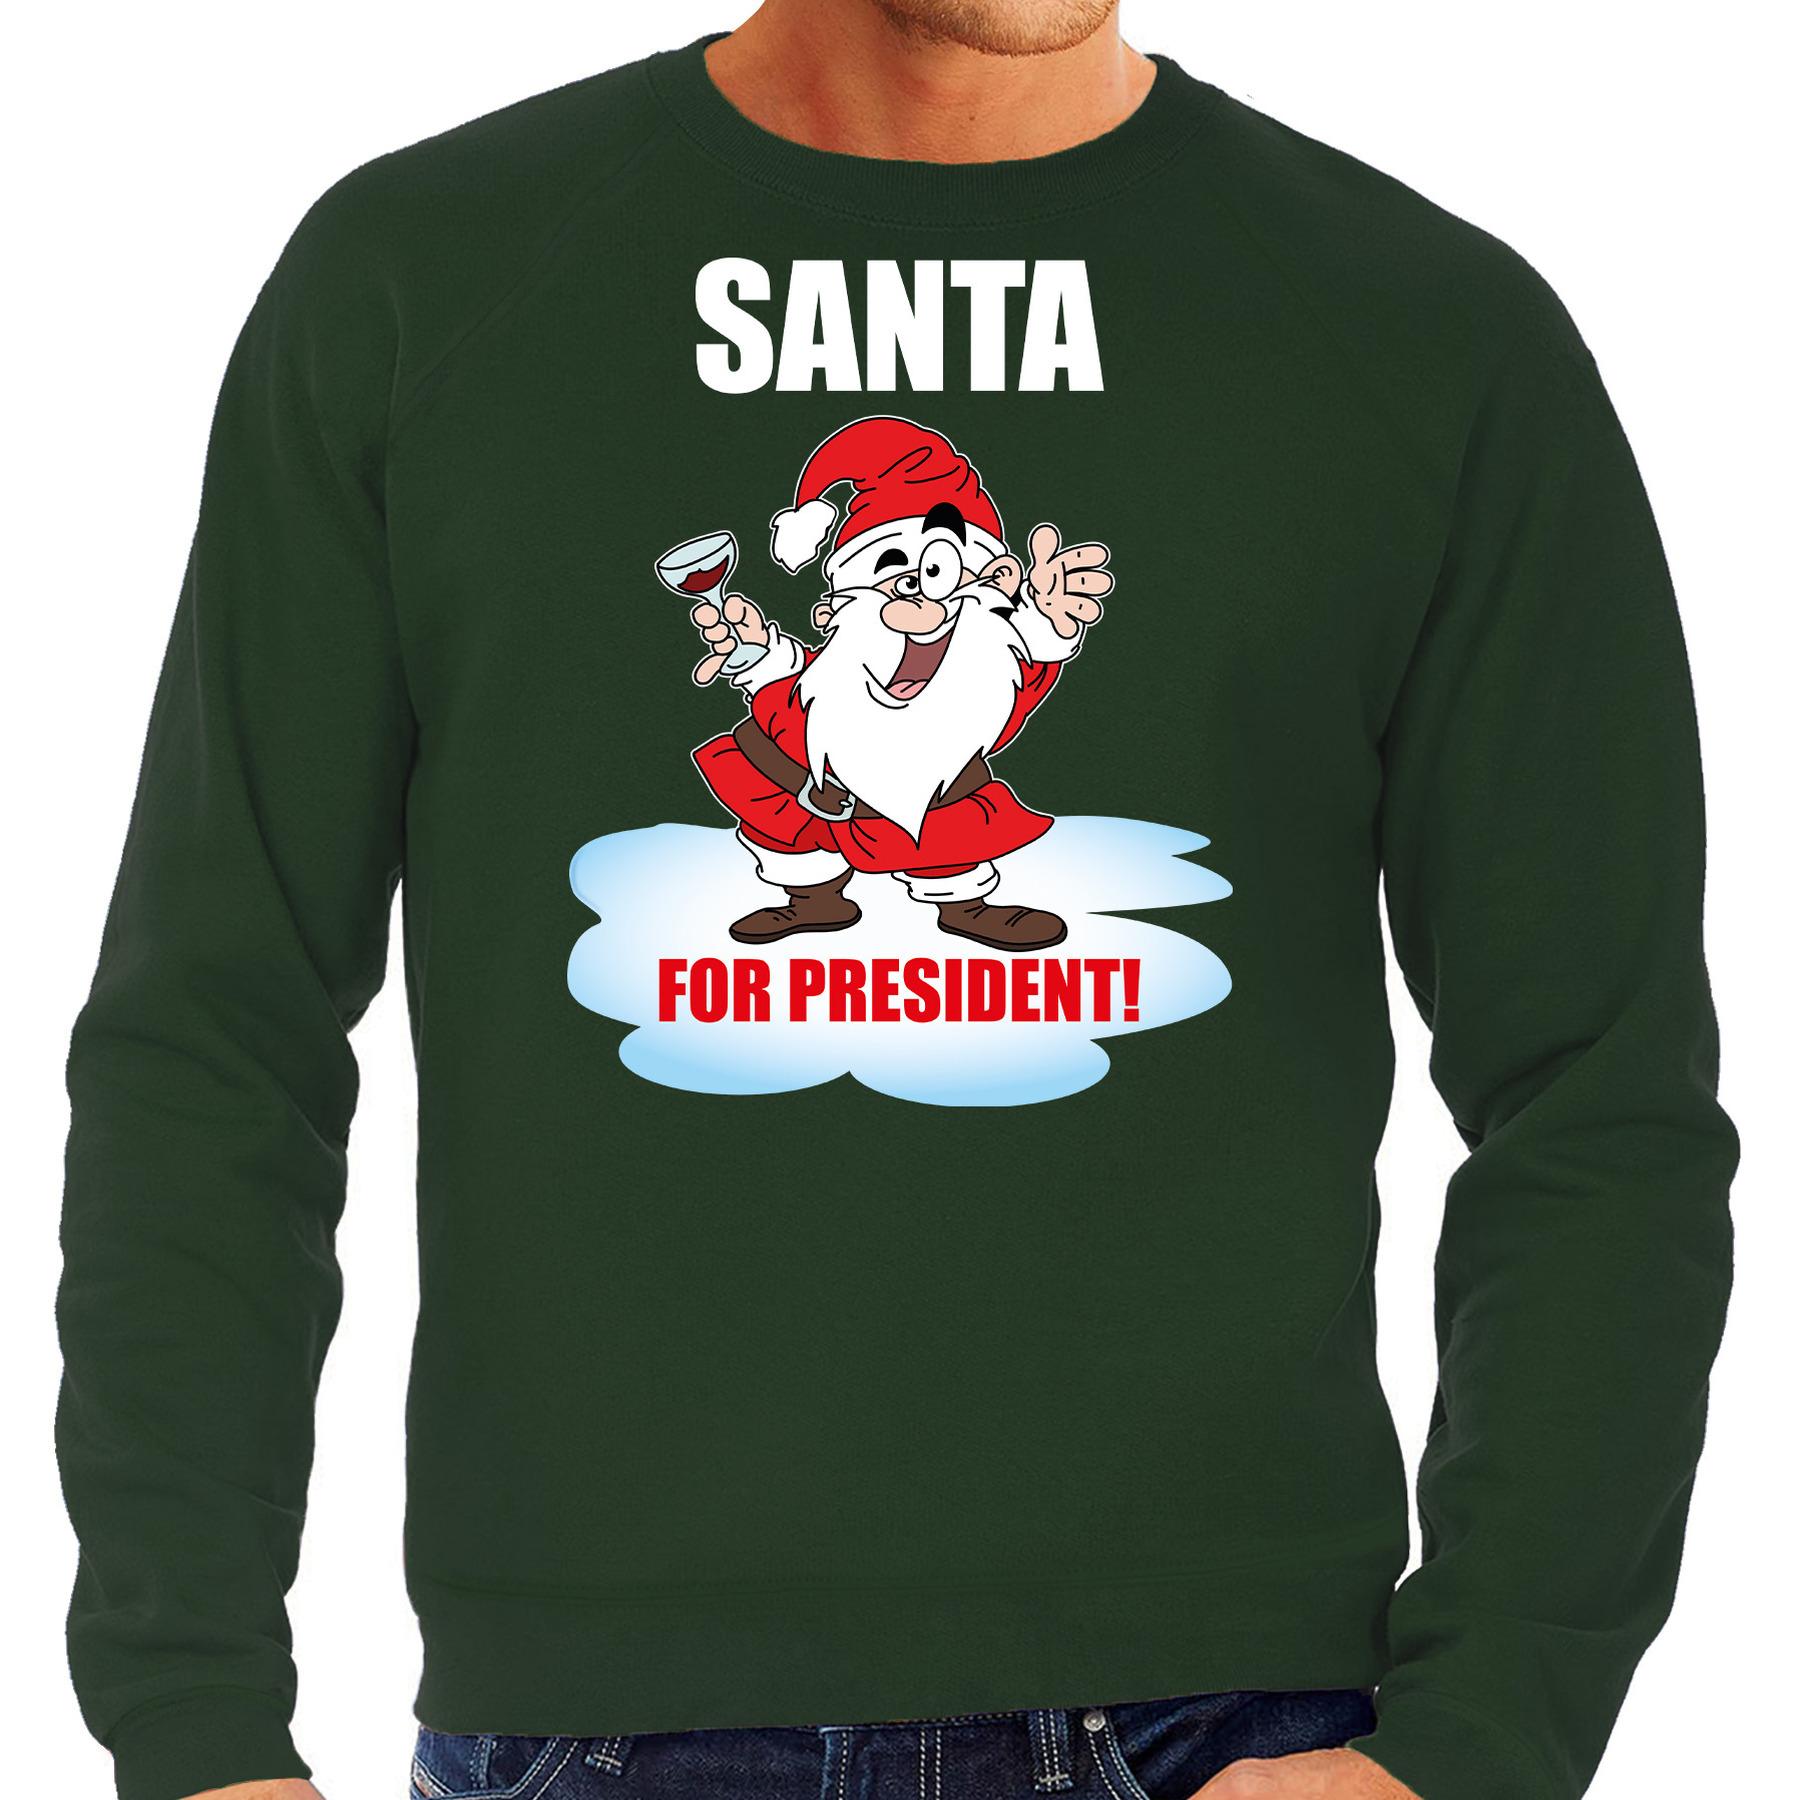 Santa for president Kersttrui - Kerst outfit groen voor heren